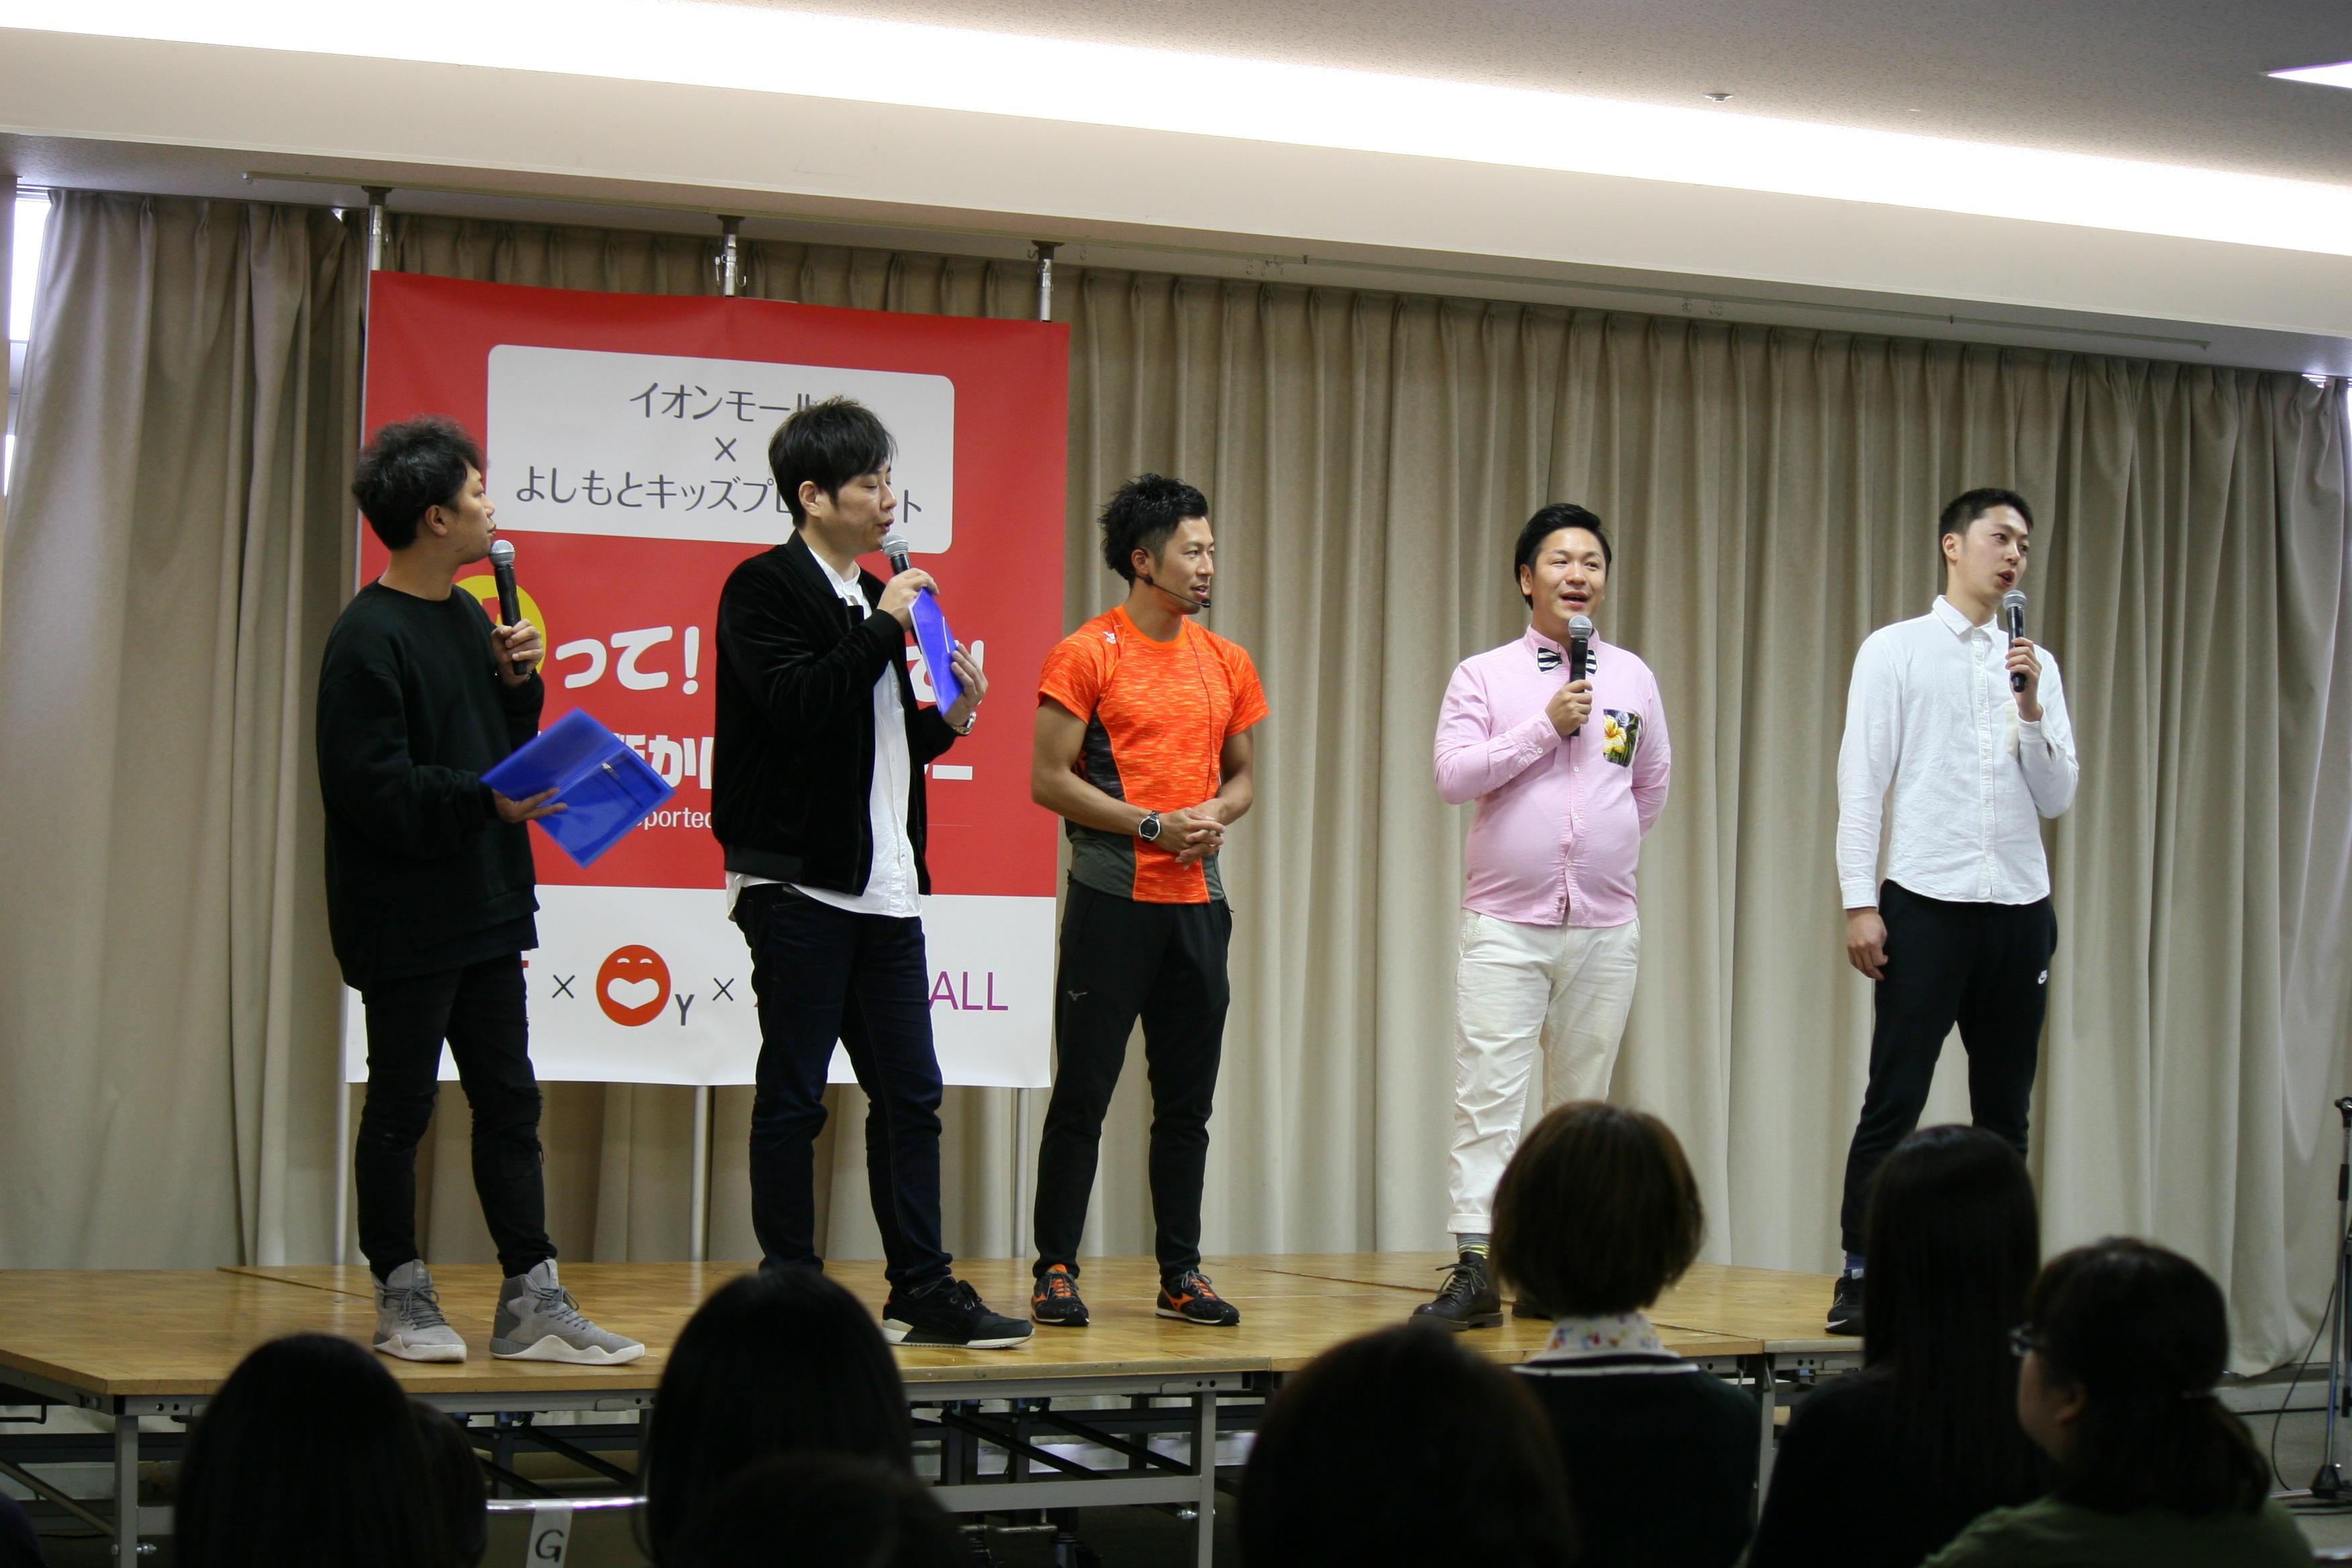 http://news.yoshimoto.co.jp/20170501175701-0f0c8434ae0c3bca6608926ad1385cd5504c1a37.jpg